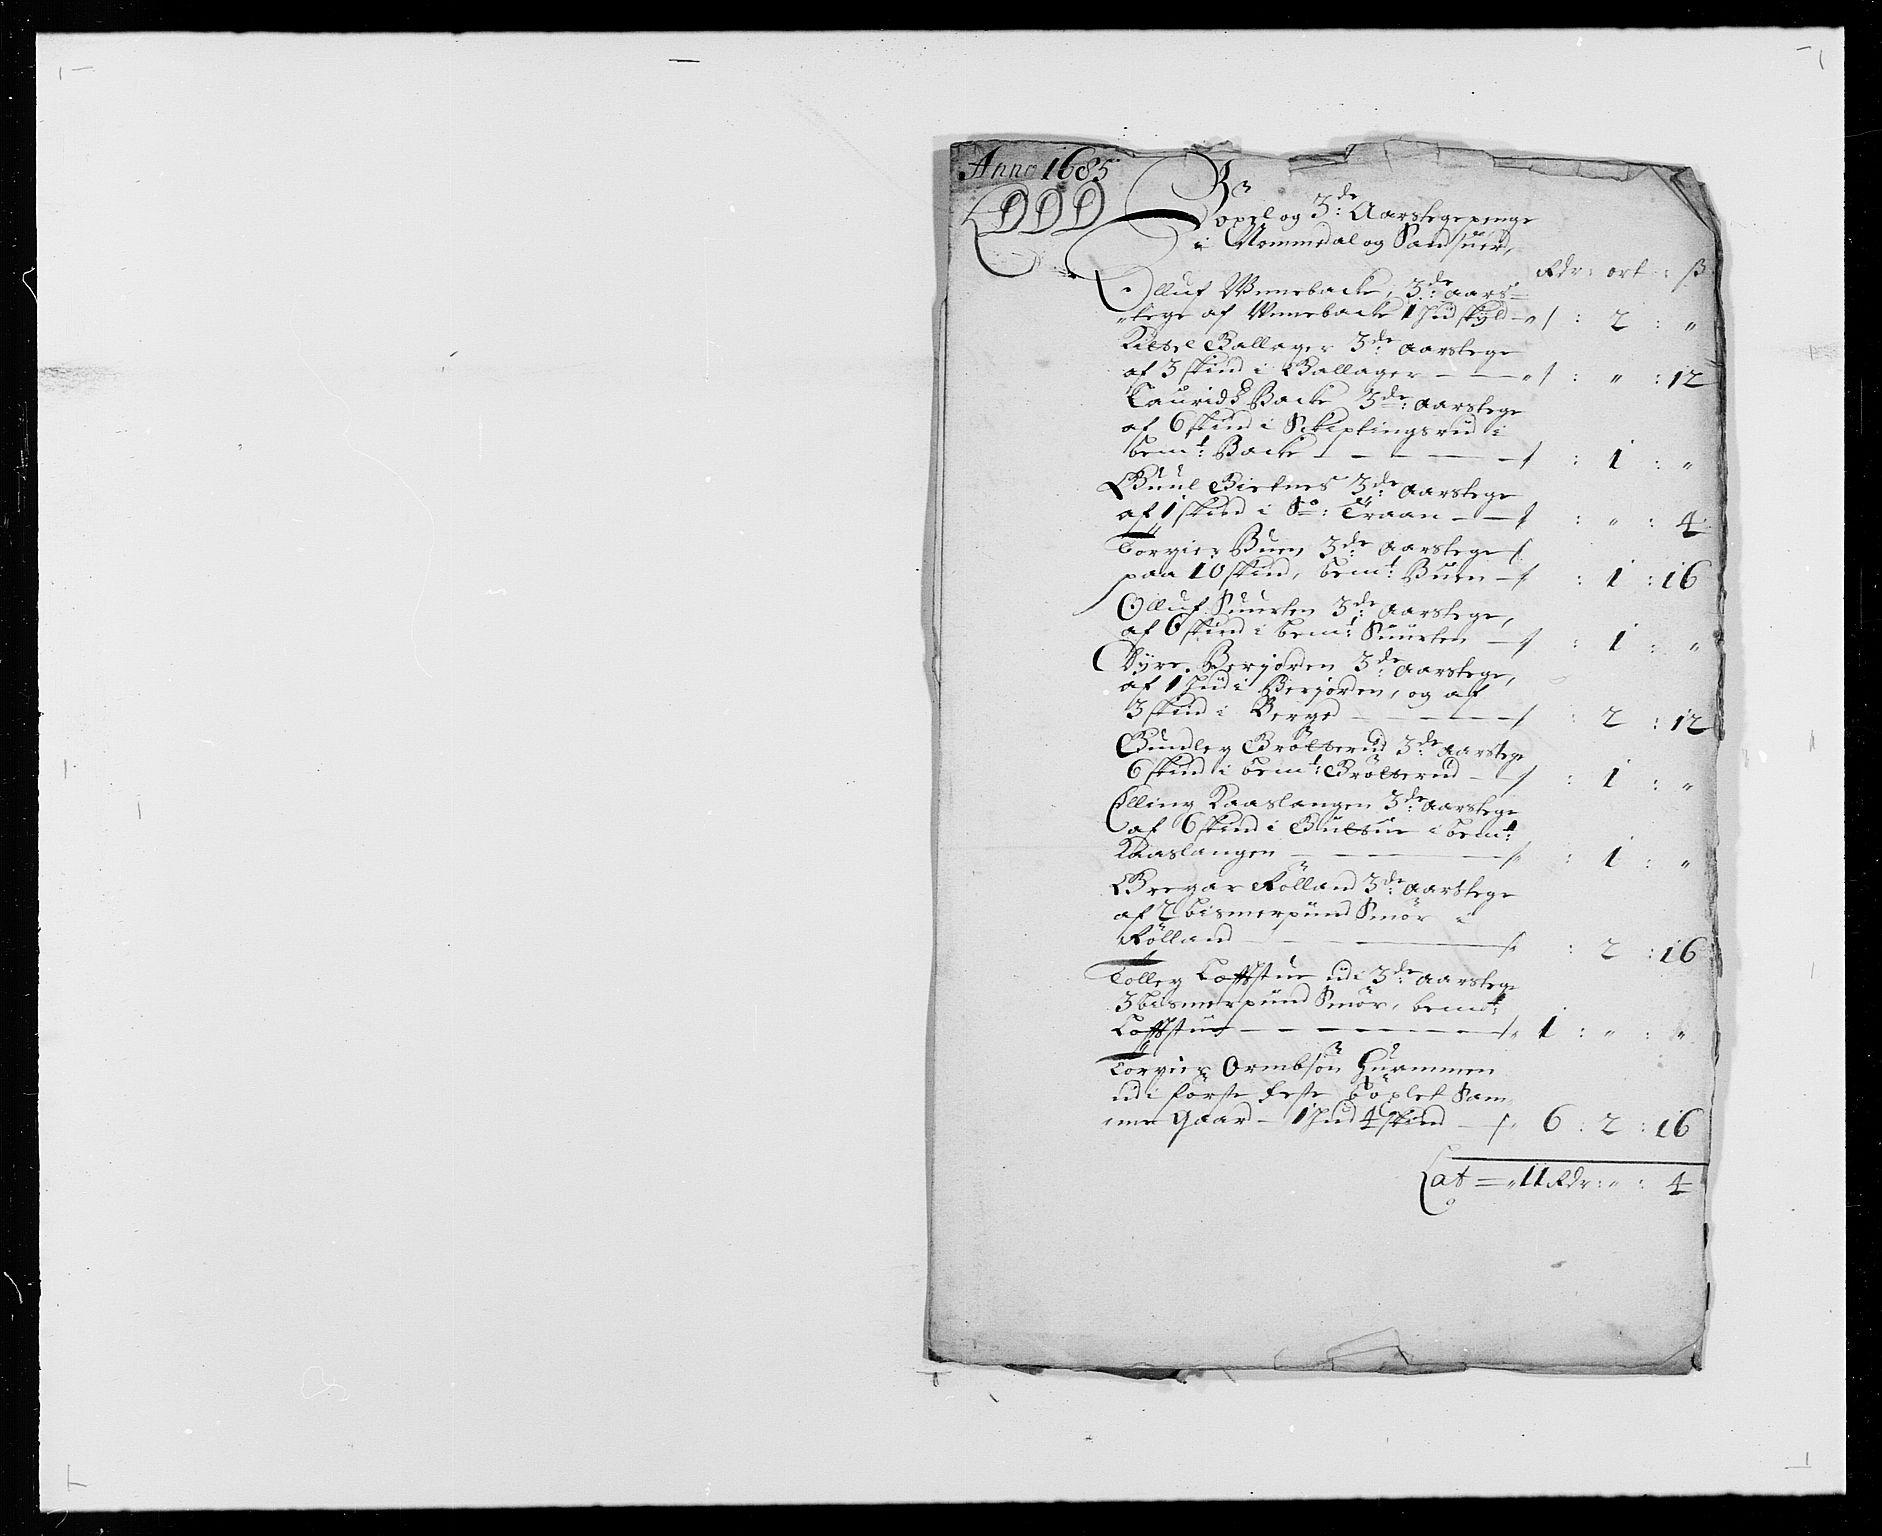 RA, Rentekammeret inntil 1814, Reviderte regnskaper, Fogderegnskap, R24/L1571: Fogderegnskap Numedal og Sandsvær, 1679-1686, s. 259